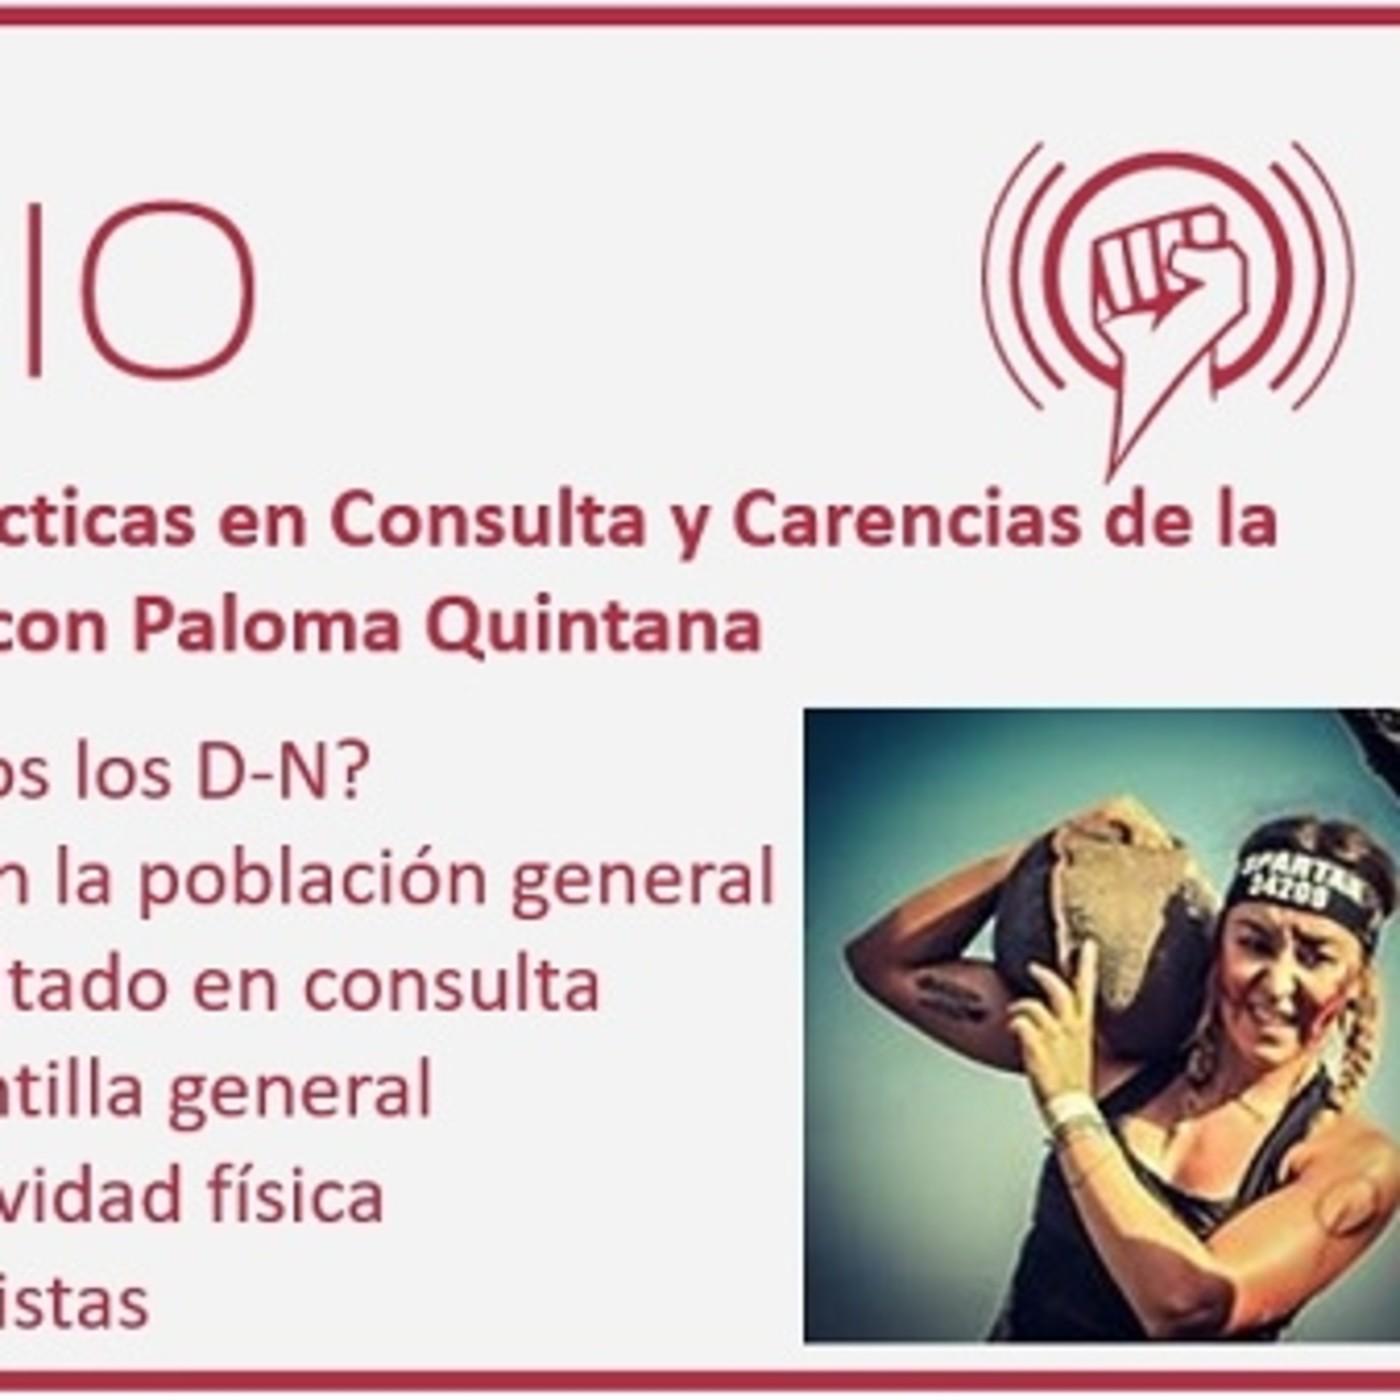 Episodio 114: Buenas Prácticas en Consulta y Carencias de la Formación en Nutrición, con Paloma Quintana